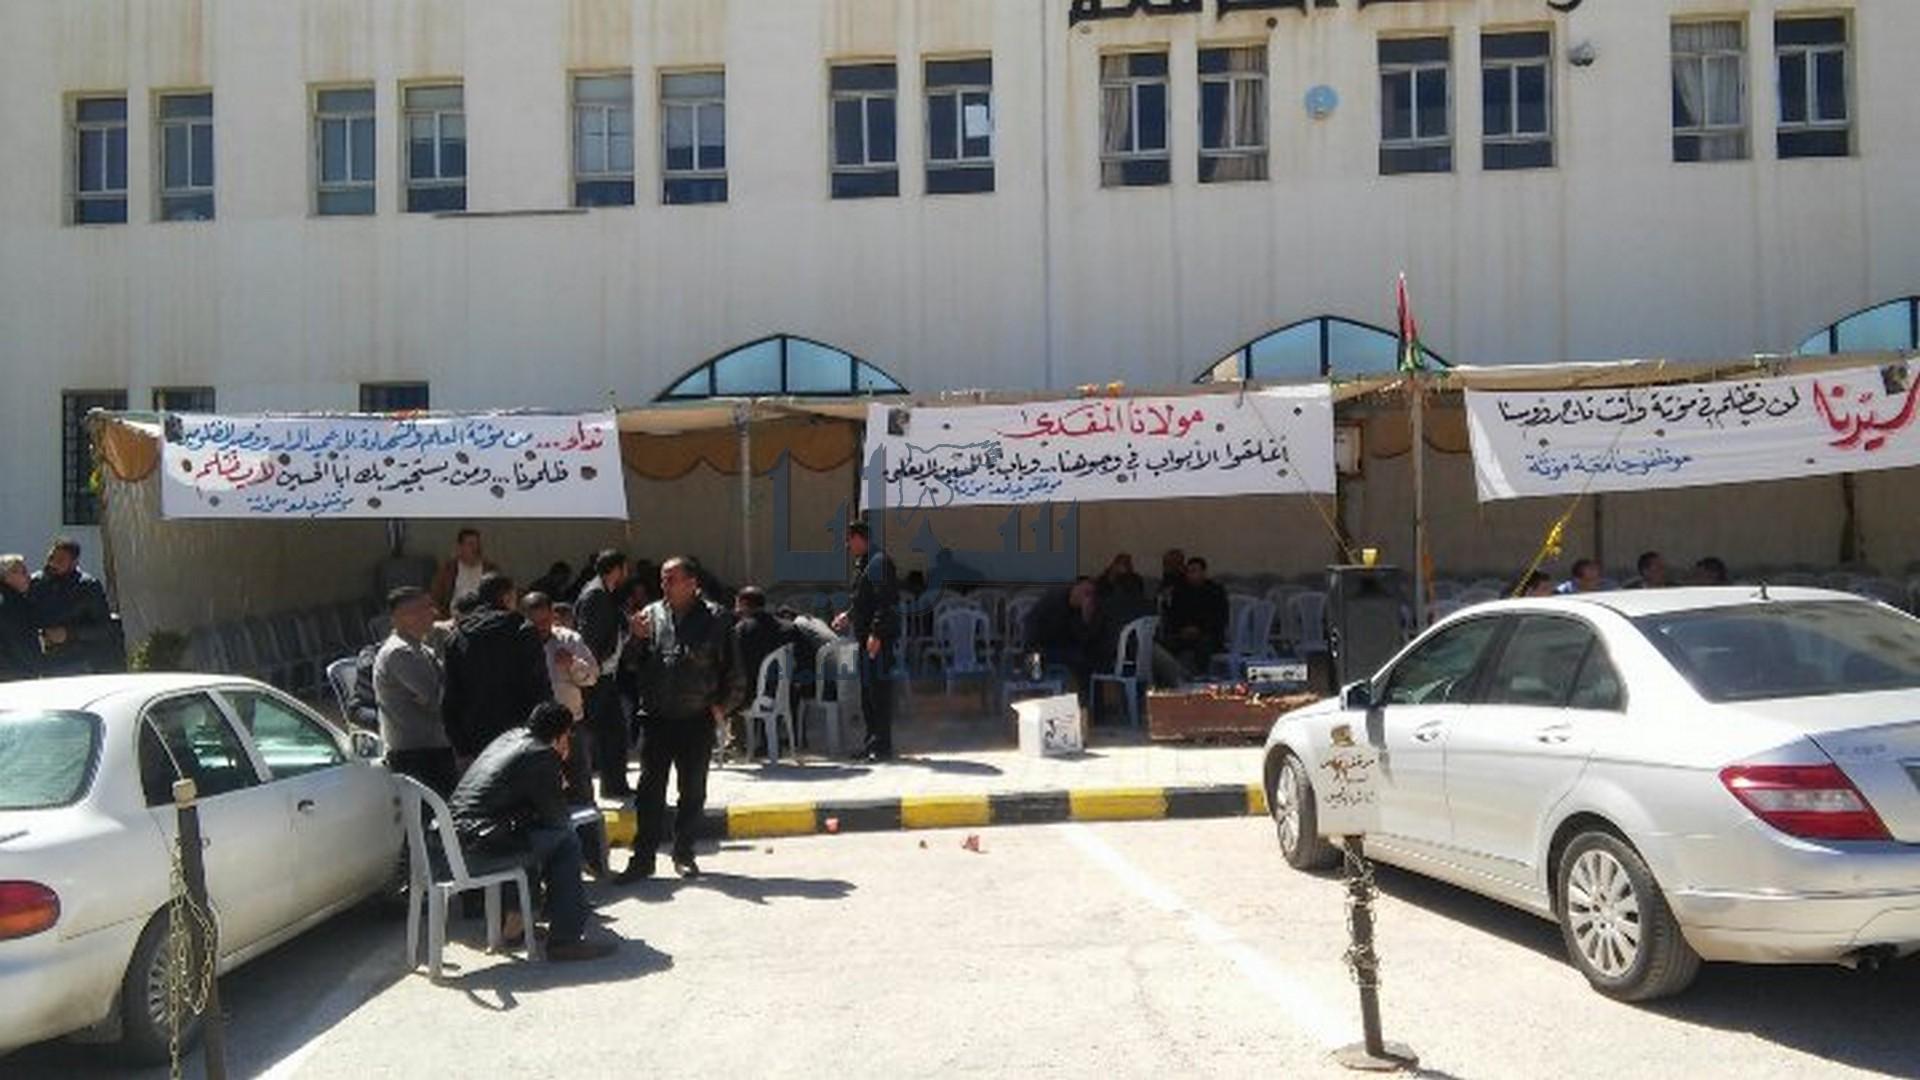 """استمرار اعتصام العاملين في جامعة مؤتة حتى تحقيق مطالبهم  """" صور """""""